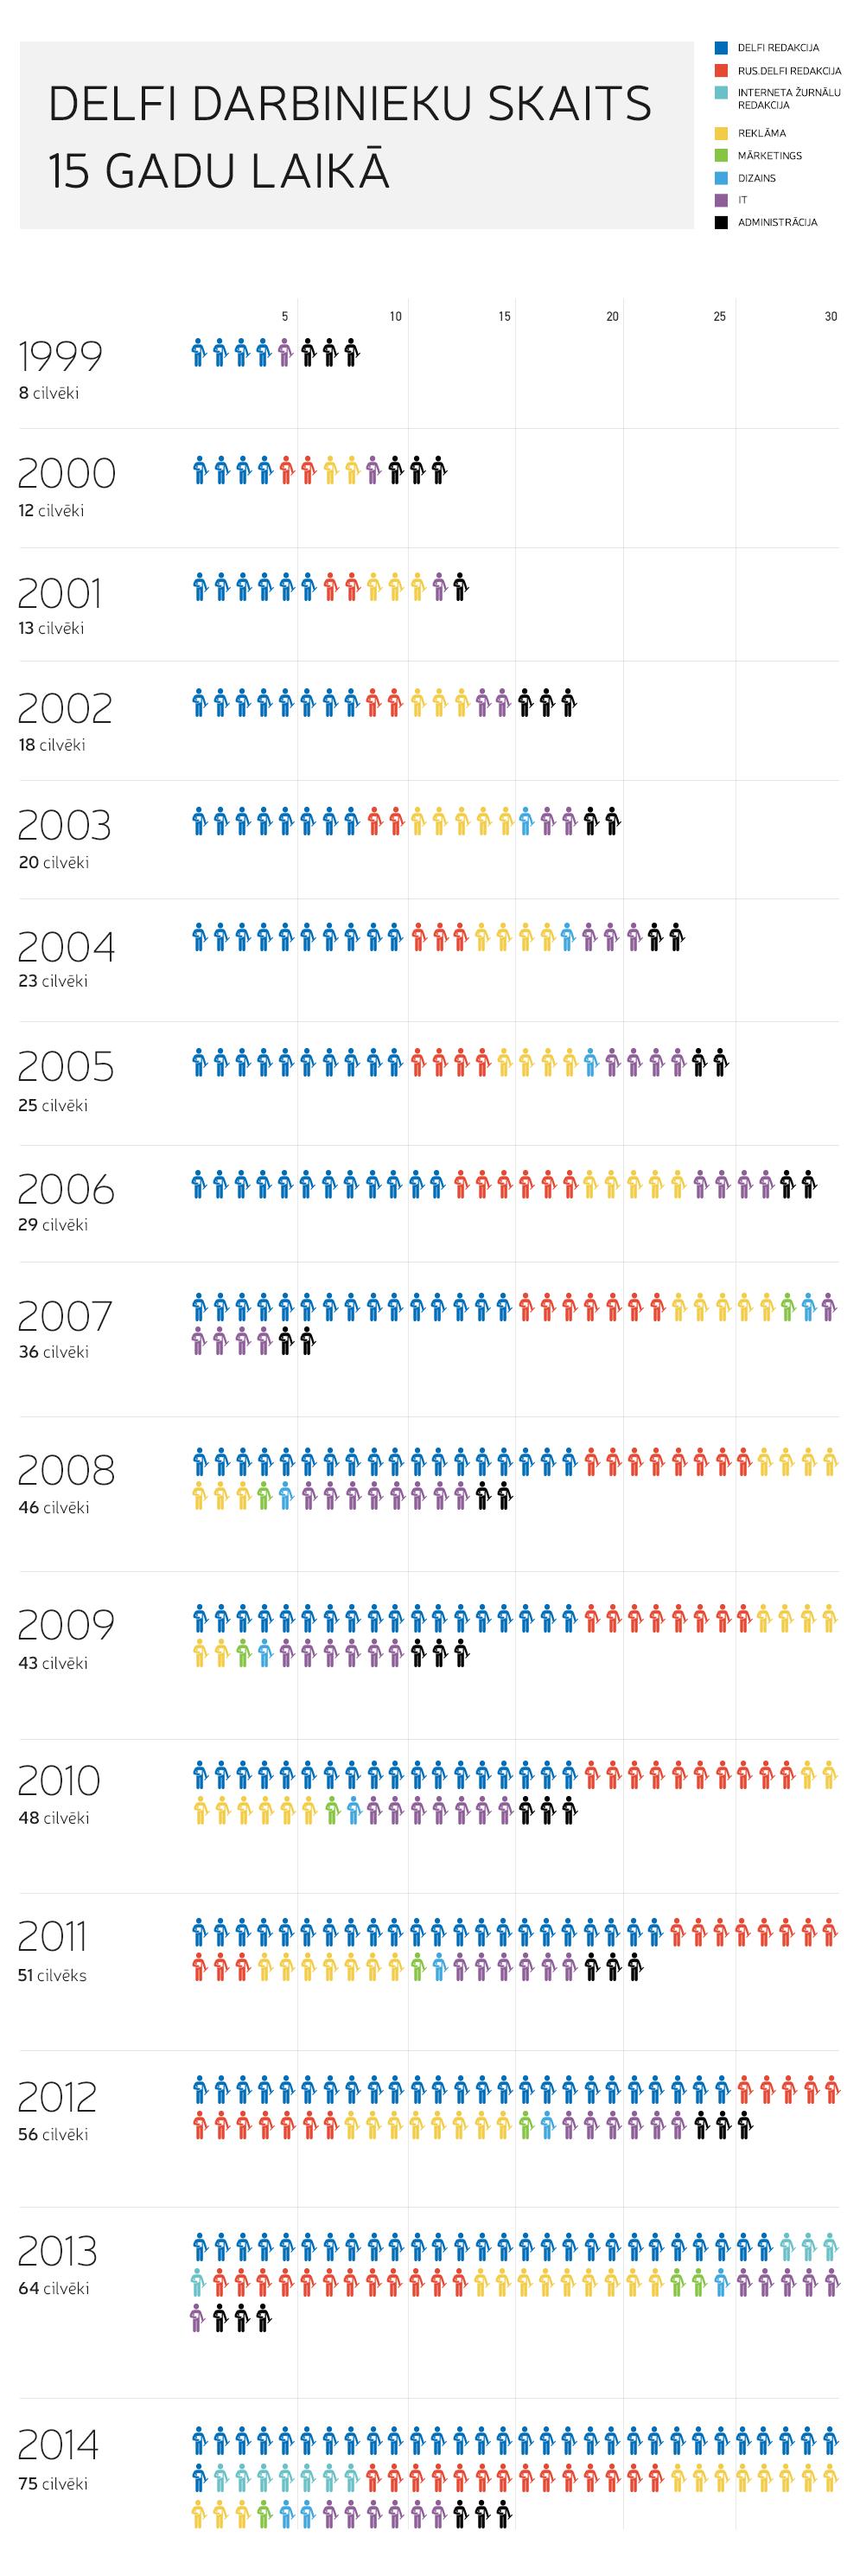 Infografika. Delfi darbinieku skaits 15 gadu laikā.